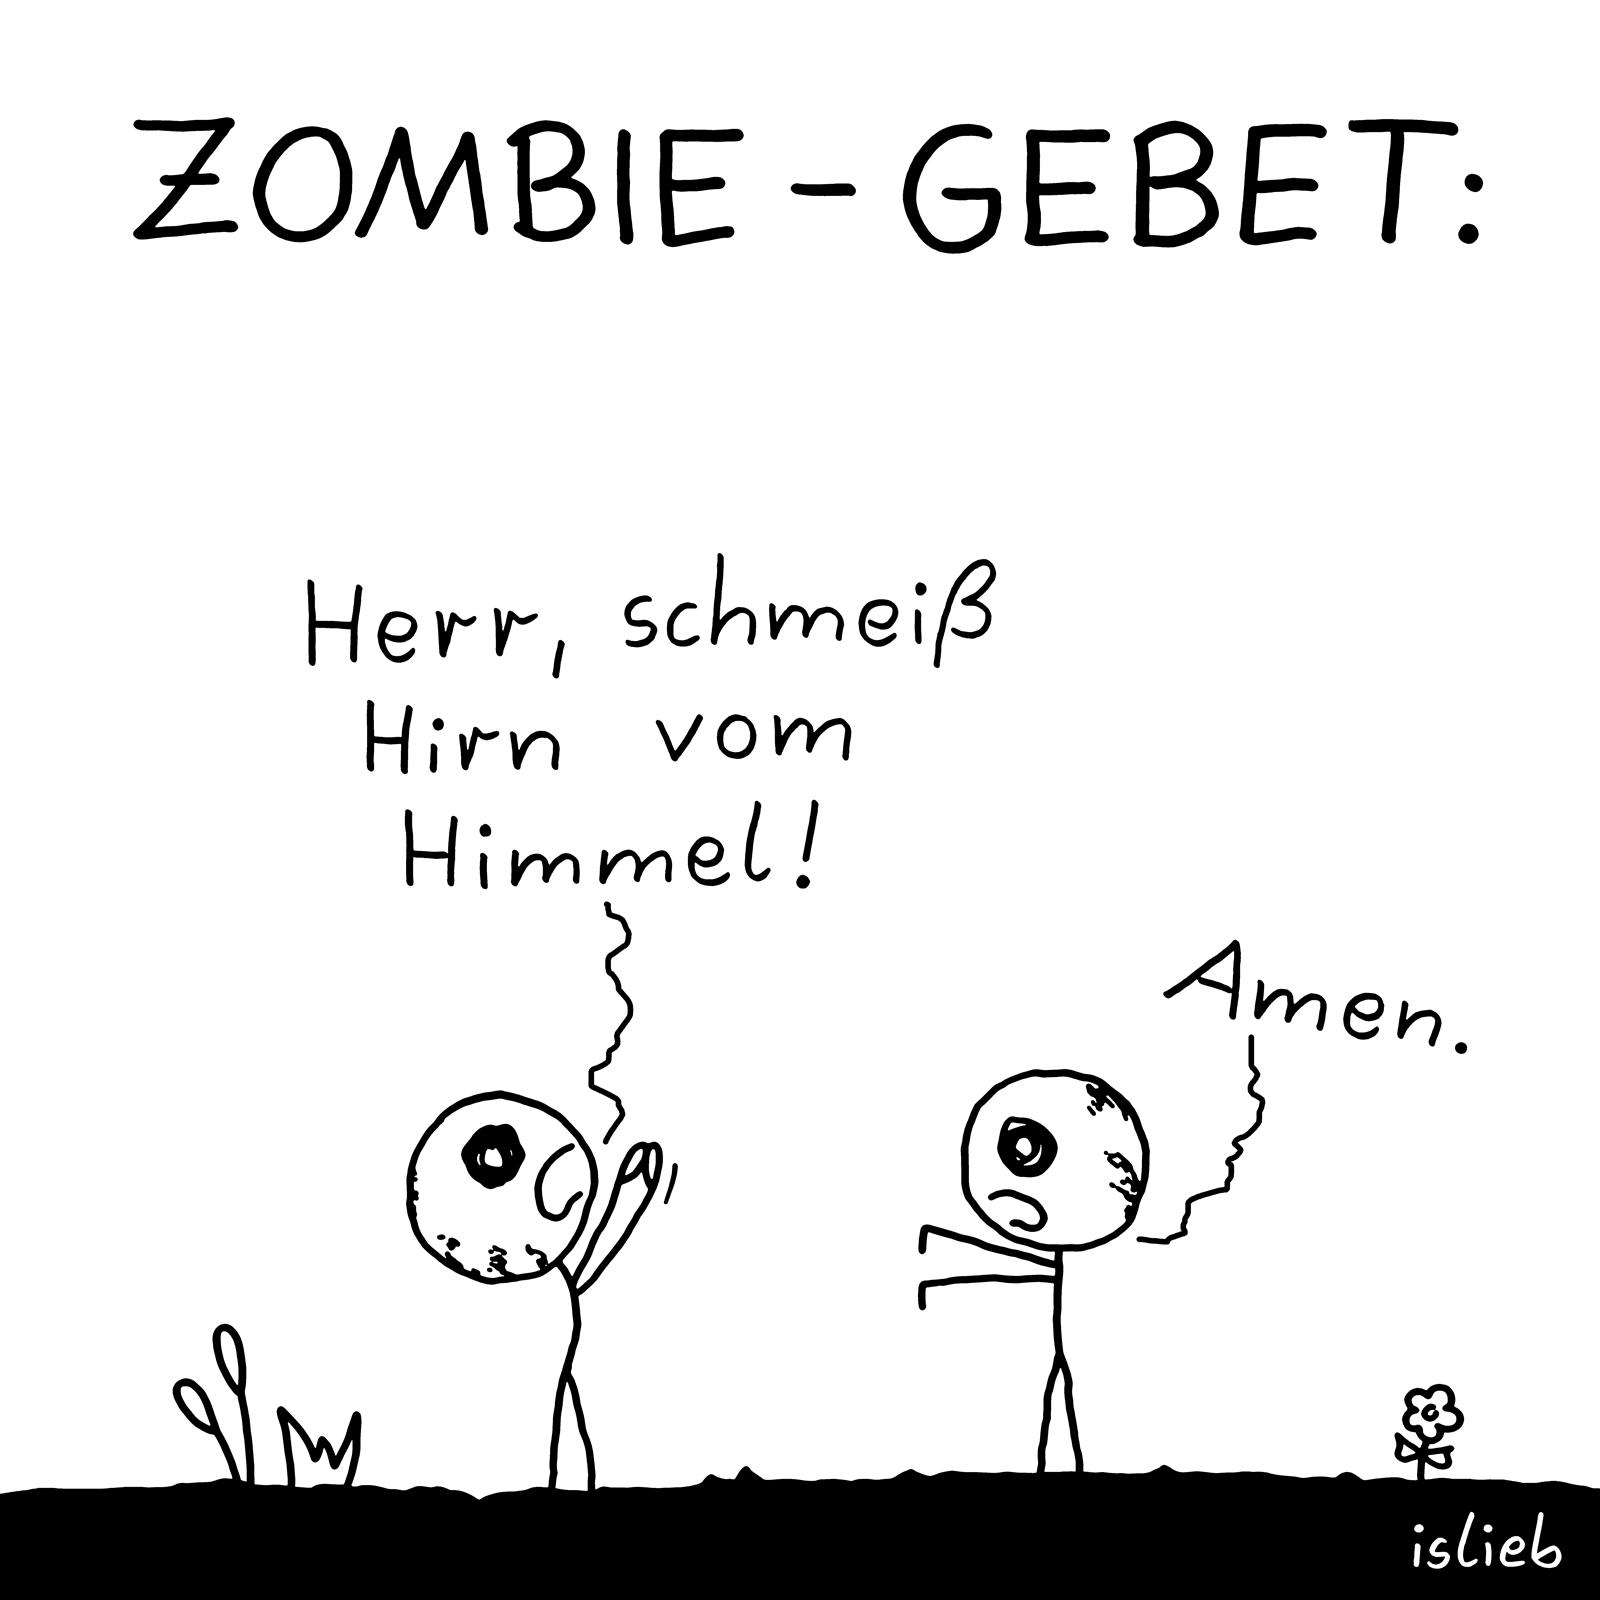 Zombie hebt die Hände zum Gebet und fleht: Herr, schmeiß Hirn vom Himmel! Anderer Zombie ergänzt: Amen. Und hier die Hashtags: Zombies, Religion, Gott, Gehirn, Dummheit, beten